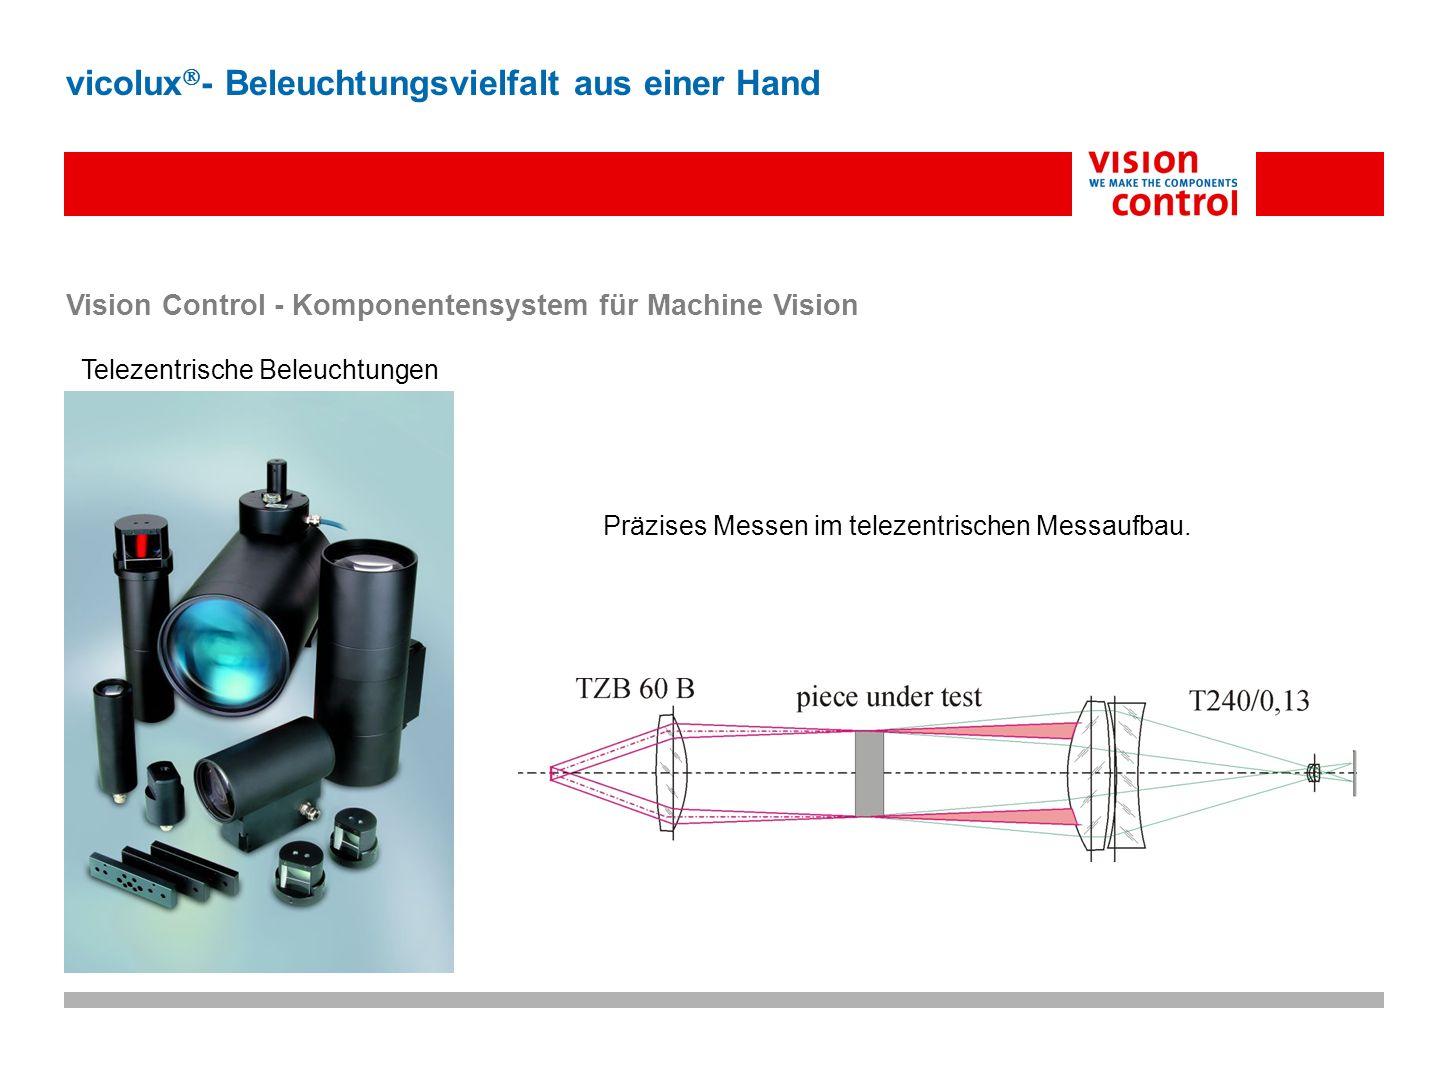 Vision Control - Komponentensystem für Machine Vision Telezentrische Beleuchtungen vicolux - Beleuchtungsvielfalt aus einer Hand Präzises Messen im te